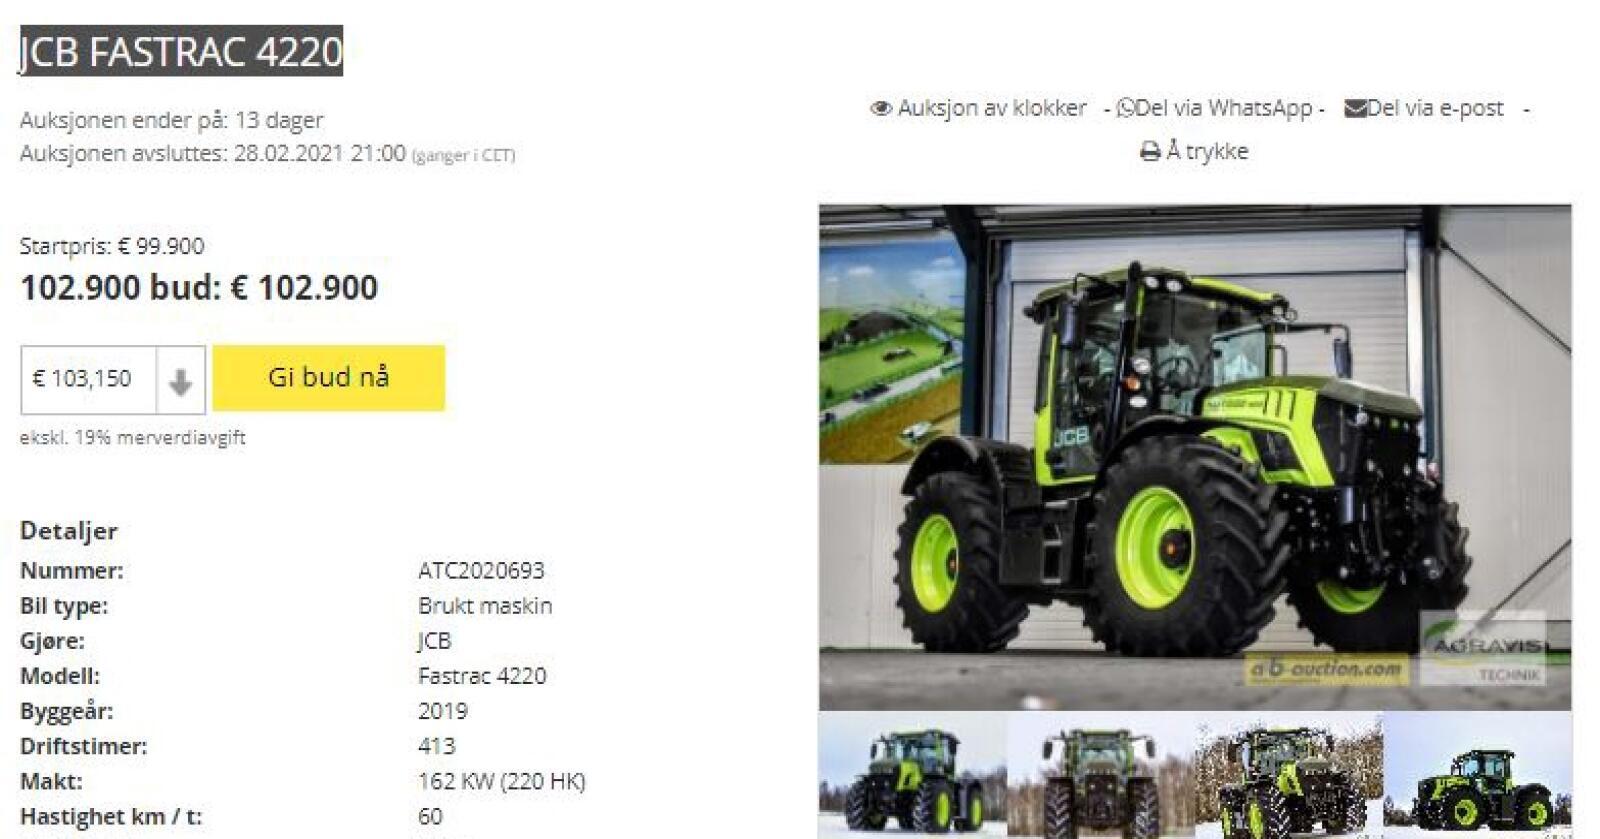 Spesiell: En JCB 4220 Fastrac er lakkert i fargene til de legendariske Mercedes-traktorene.